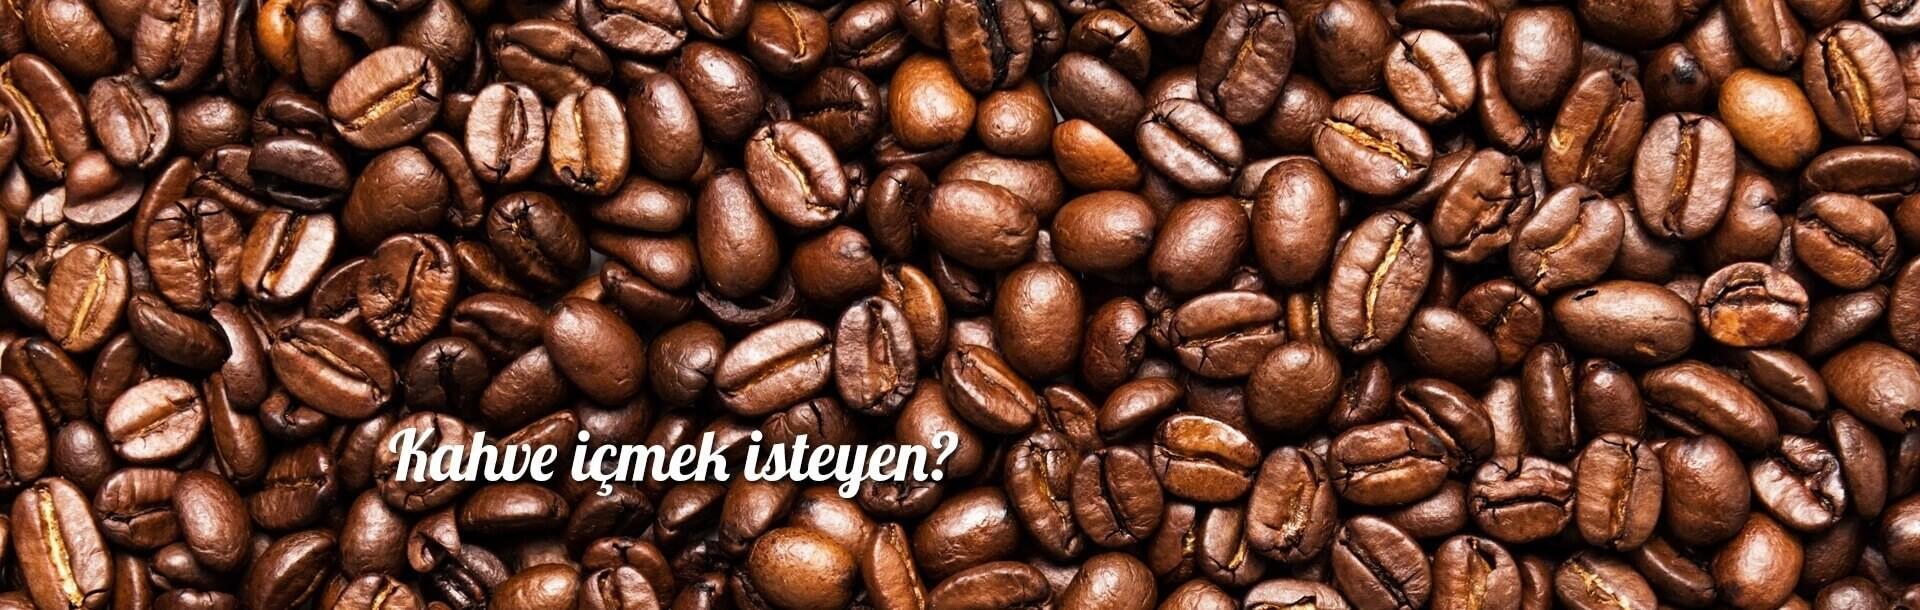 mayn-medya-jimmy-jib-pro-jib-steadycam-crane-slider-kahve-icmek-isteyen-turkiye-jimmyjib1 (1)